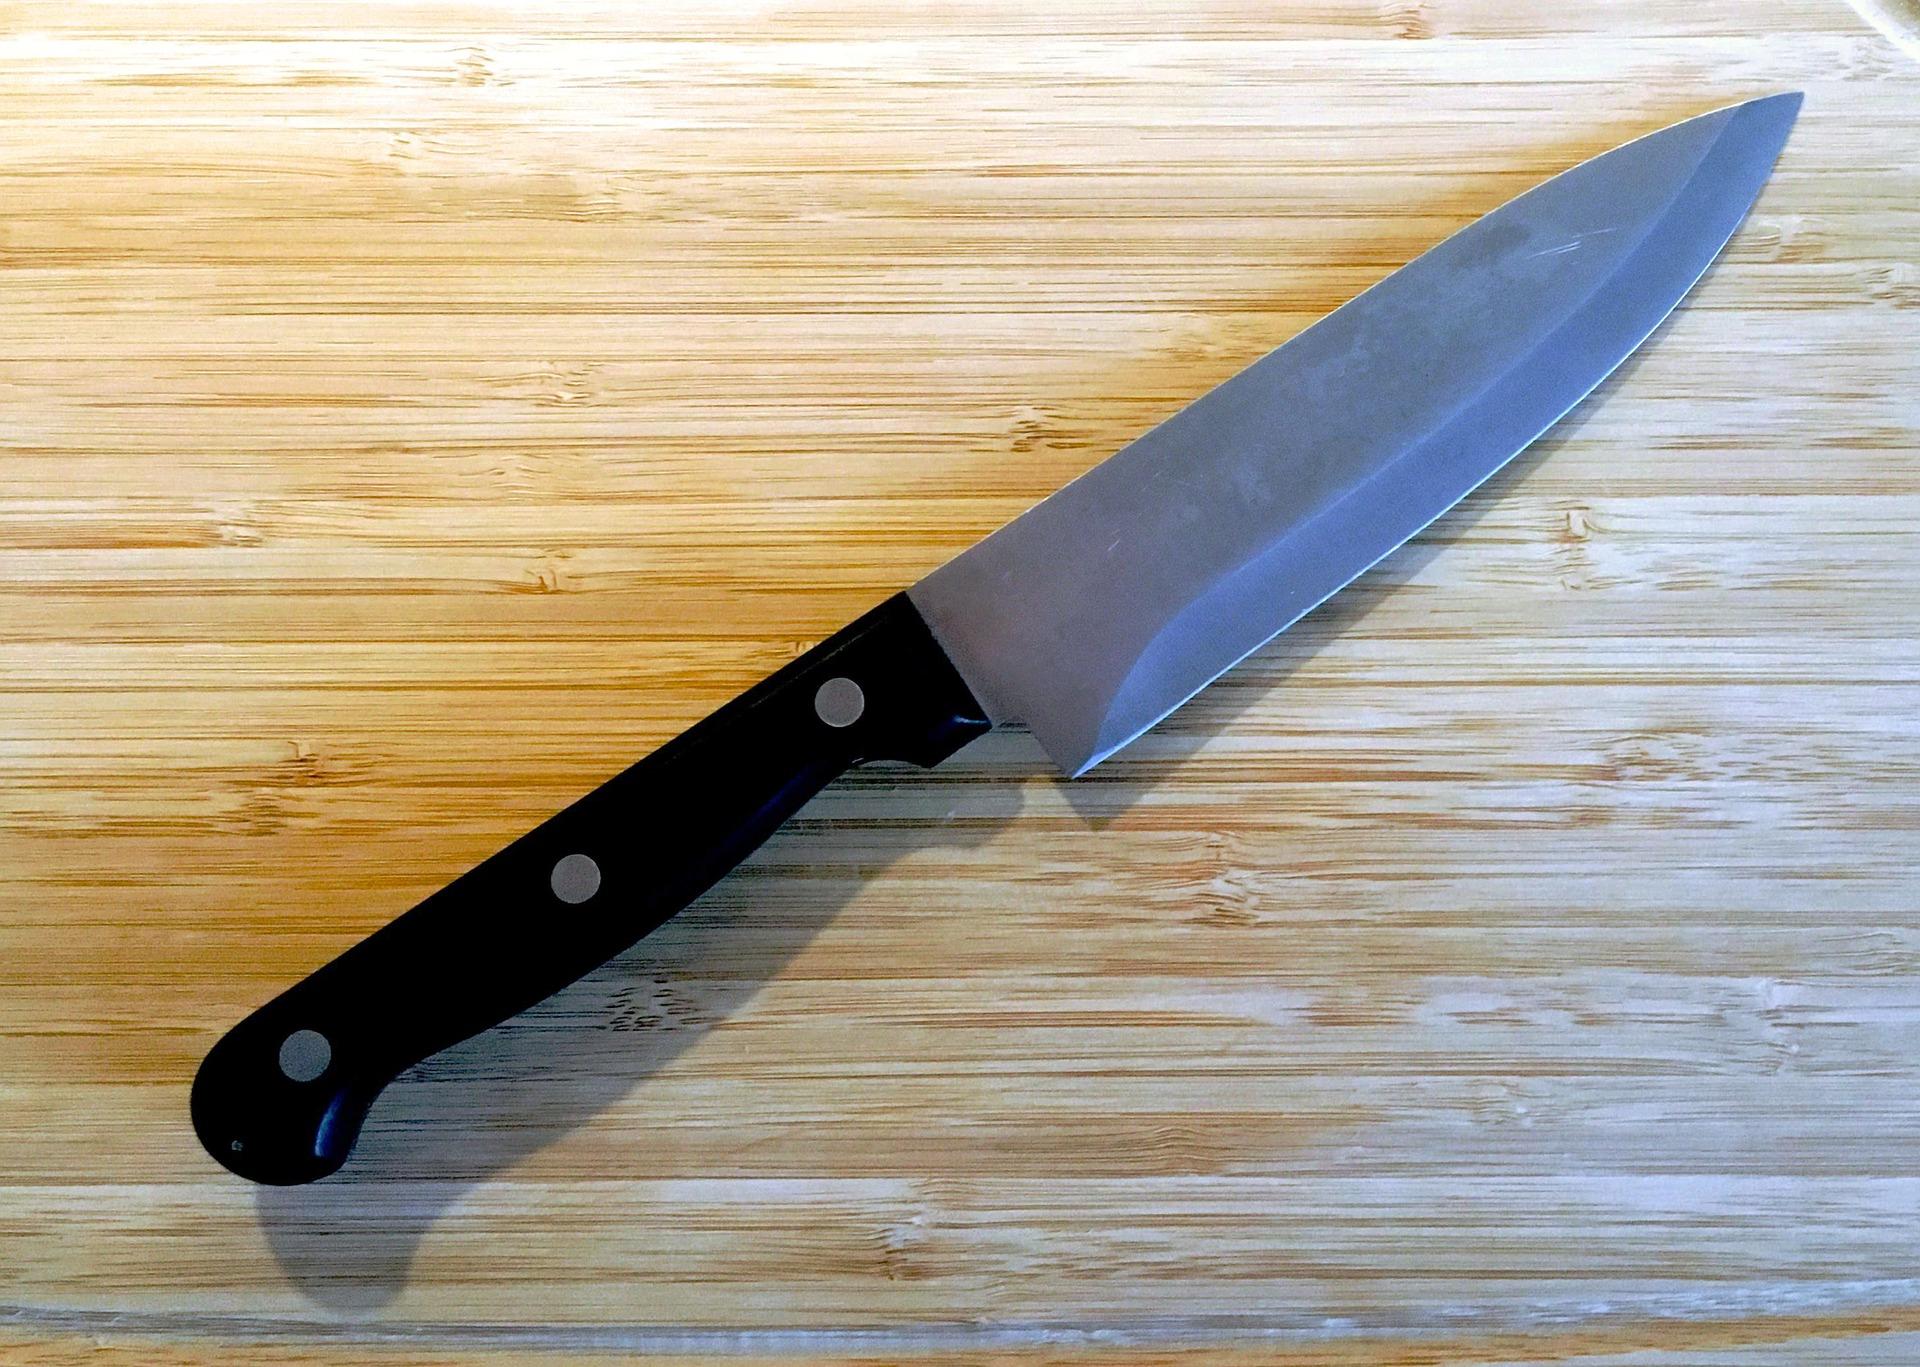 knife-2162020_1920